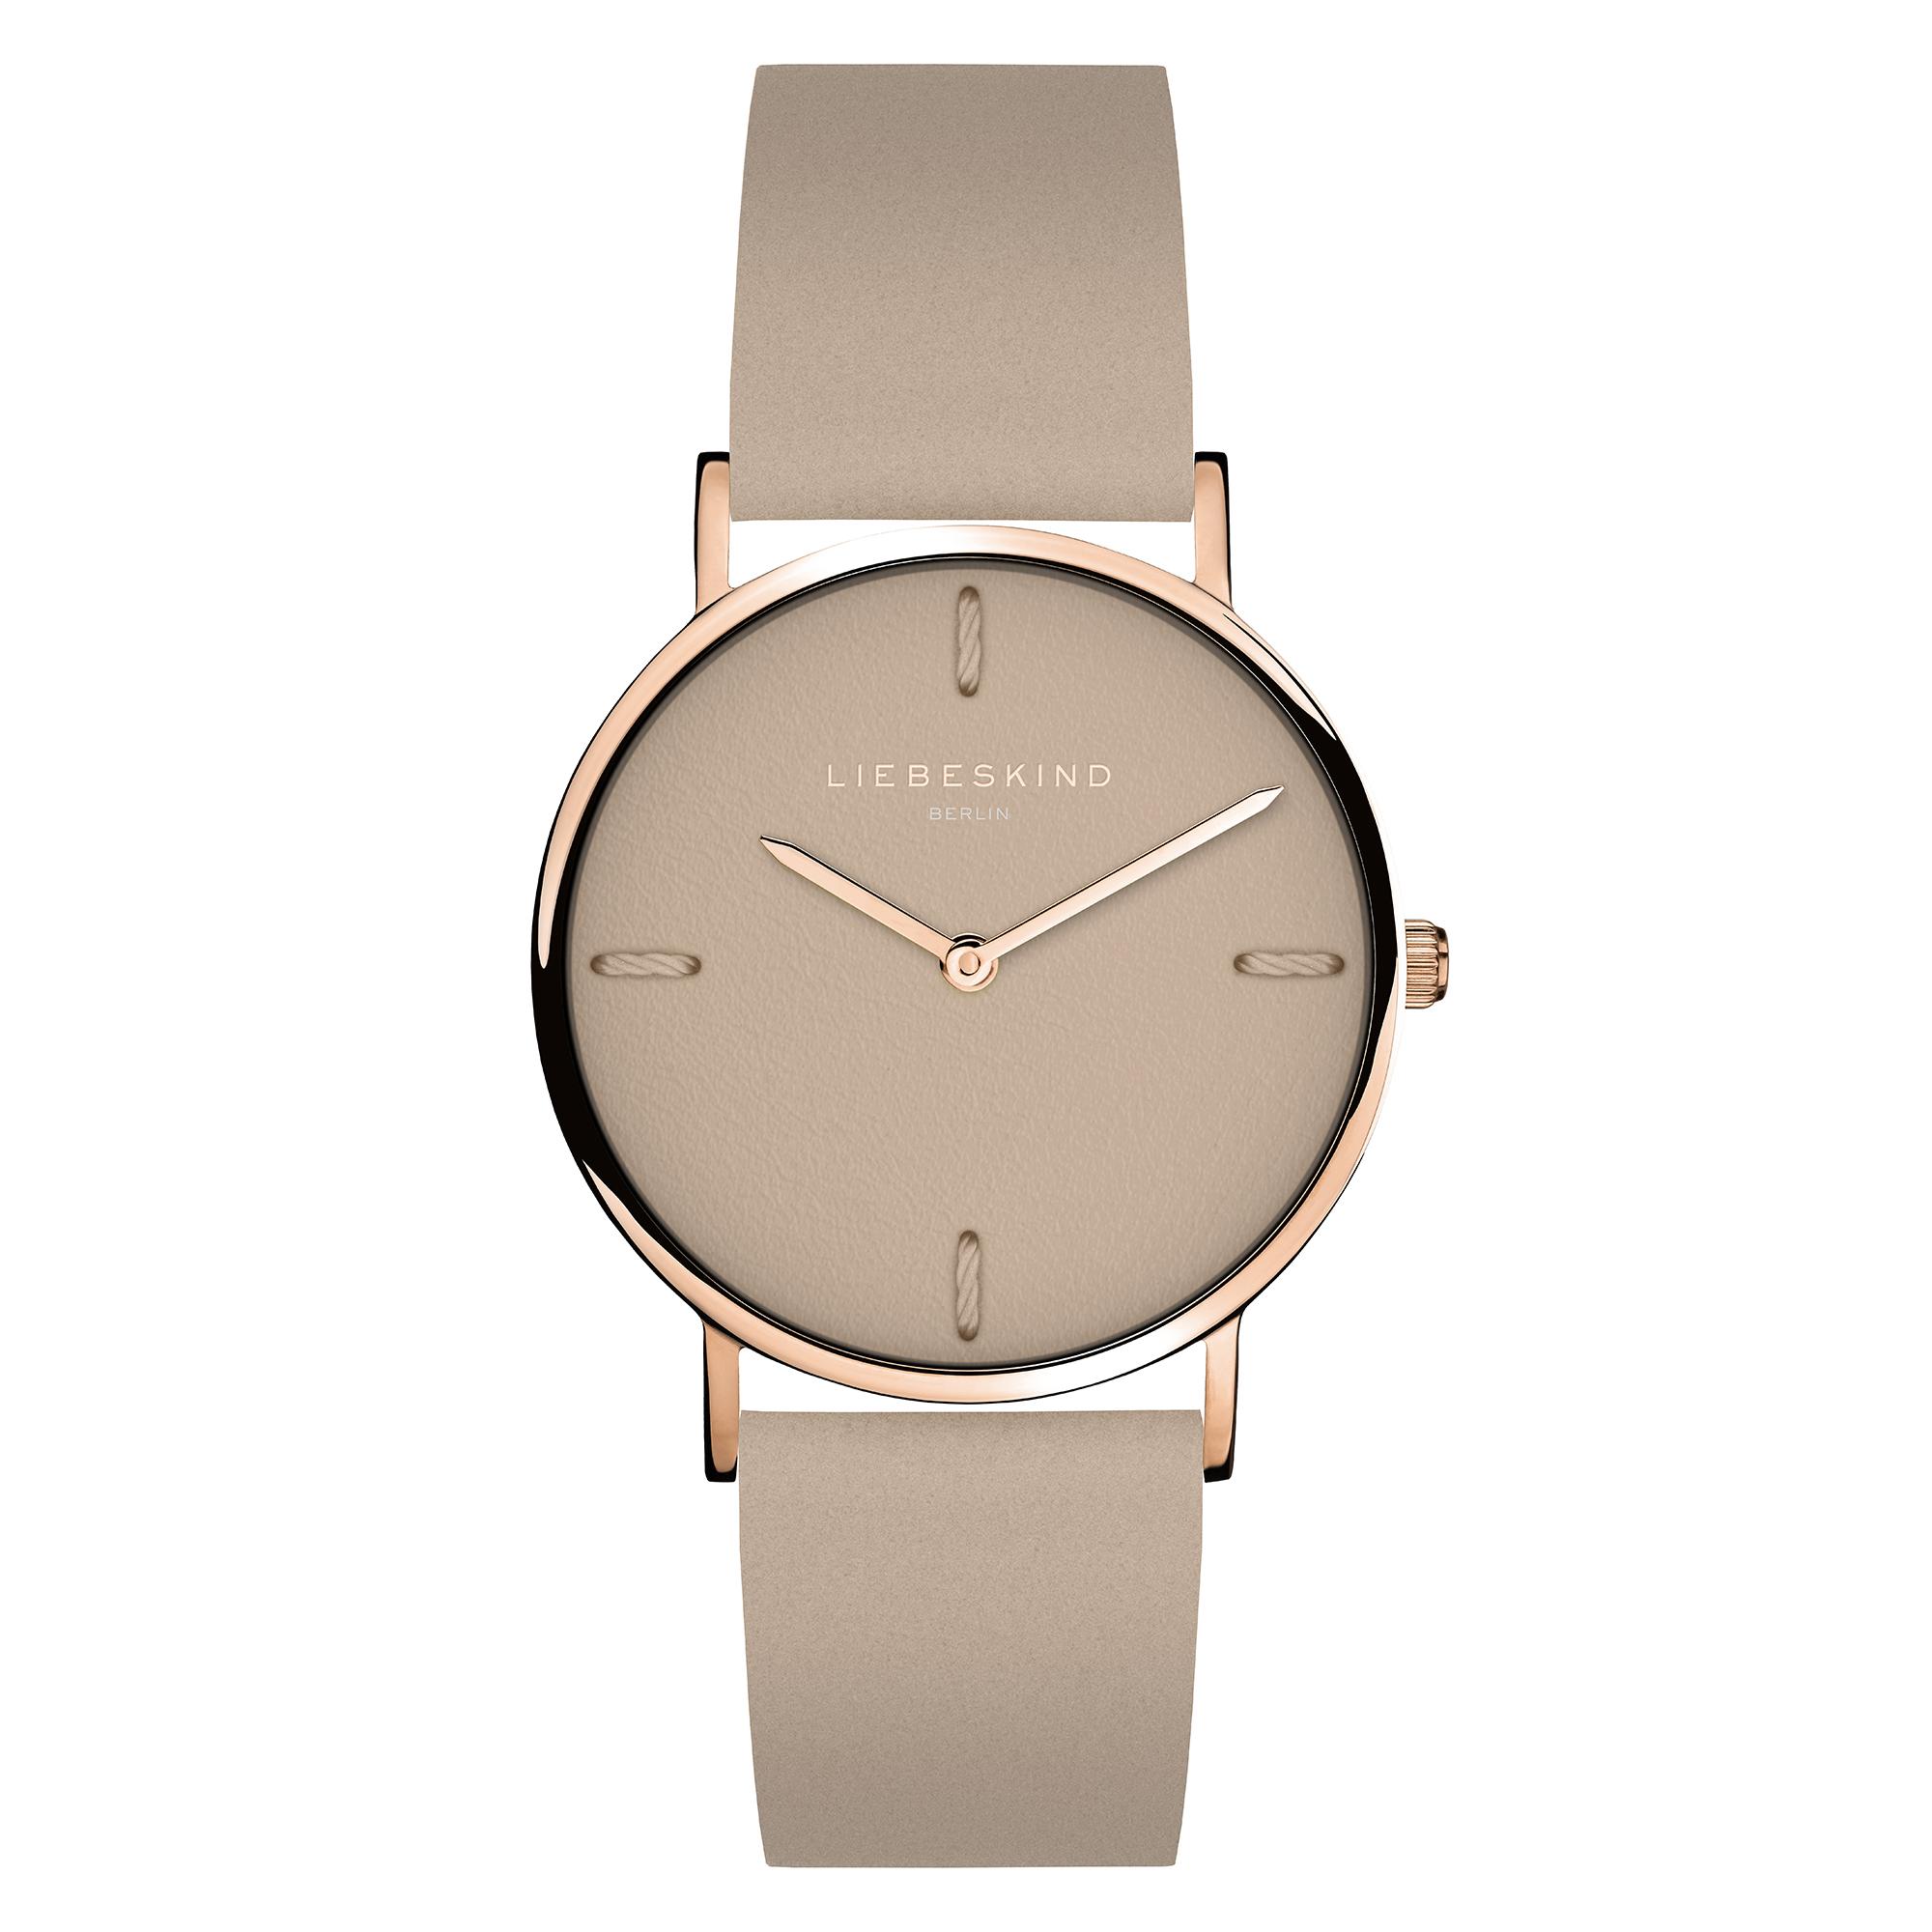 LT-0167-LQ Damenuhr LIEBESKIND BERLIN Leder Armbanduhr, 34